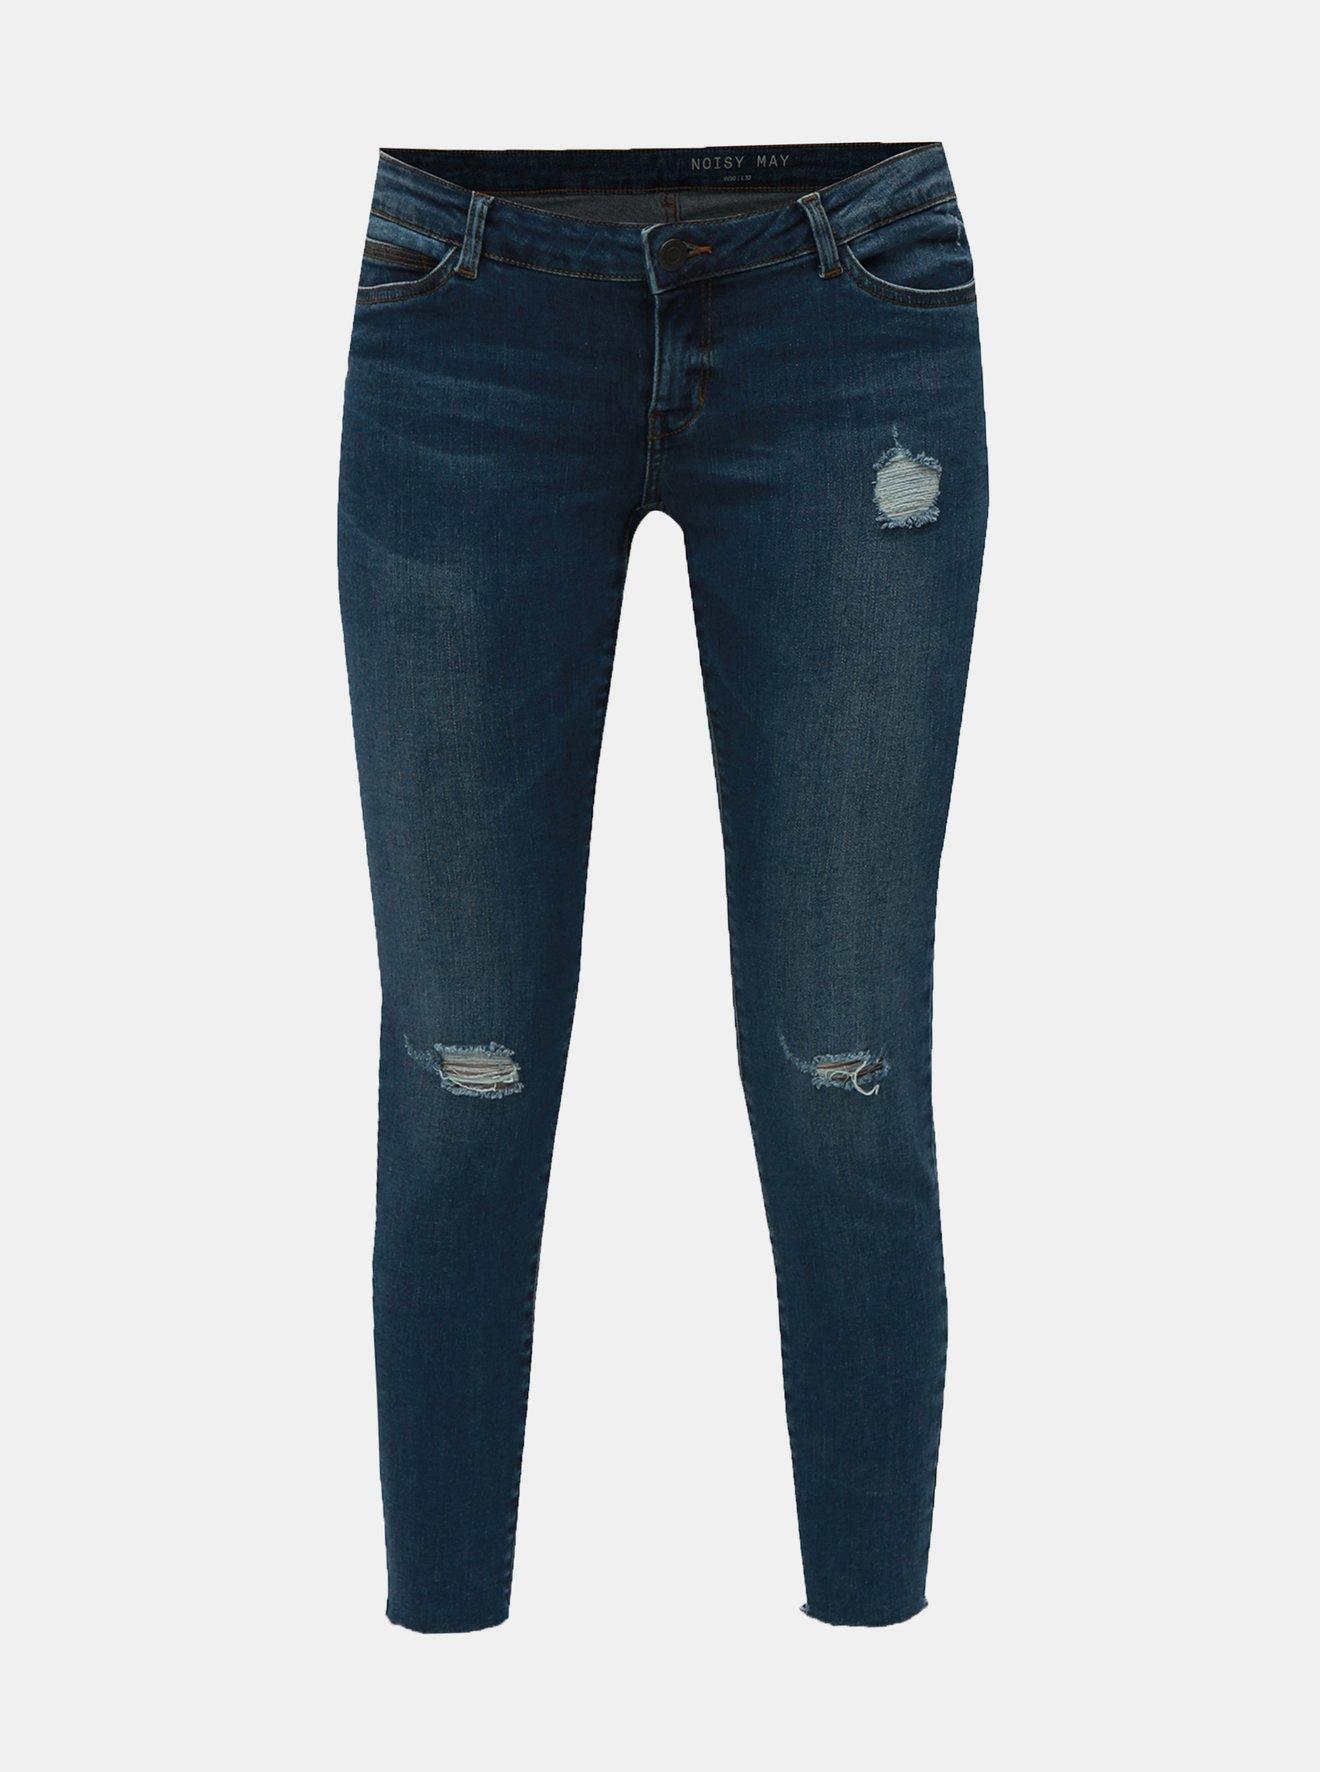 Modré zkrácené skinny džíny s nízkým pasem Noisy May Eve